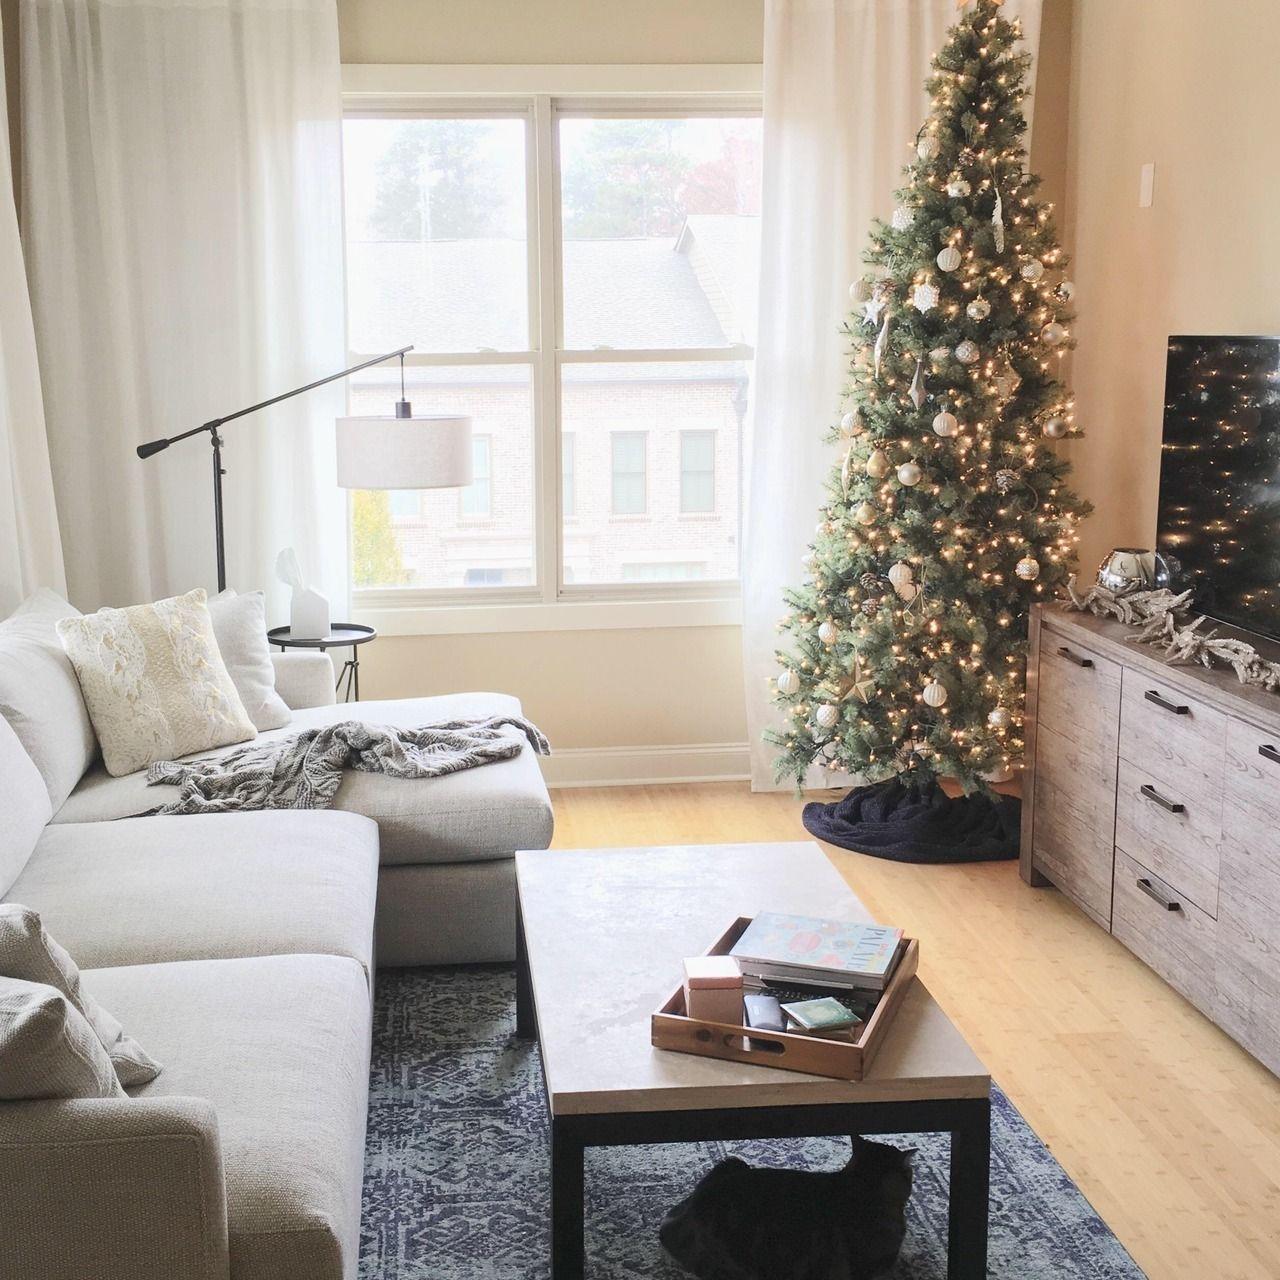 Christmas Decor In An Atlanta